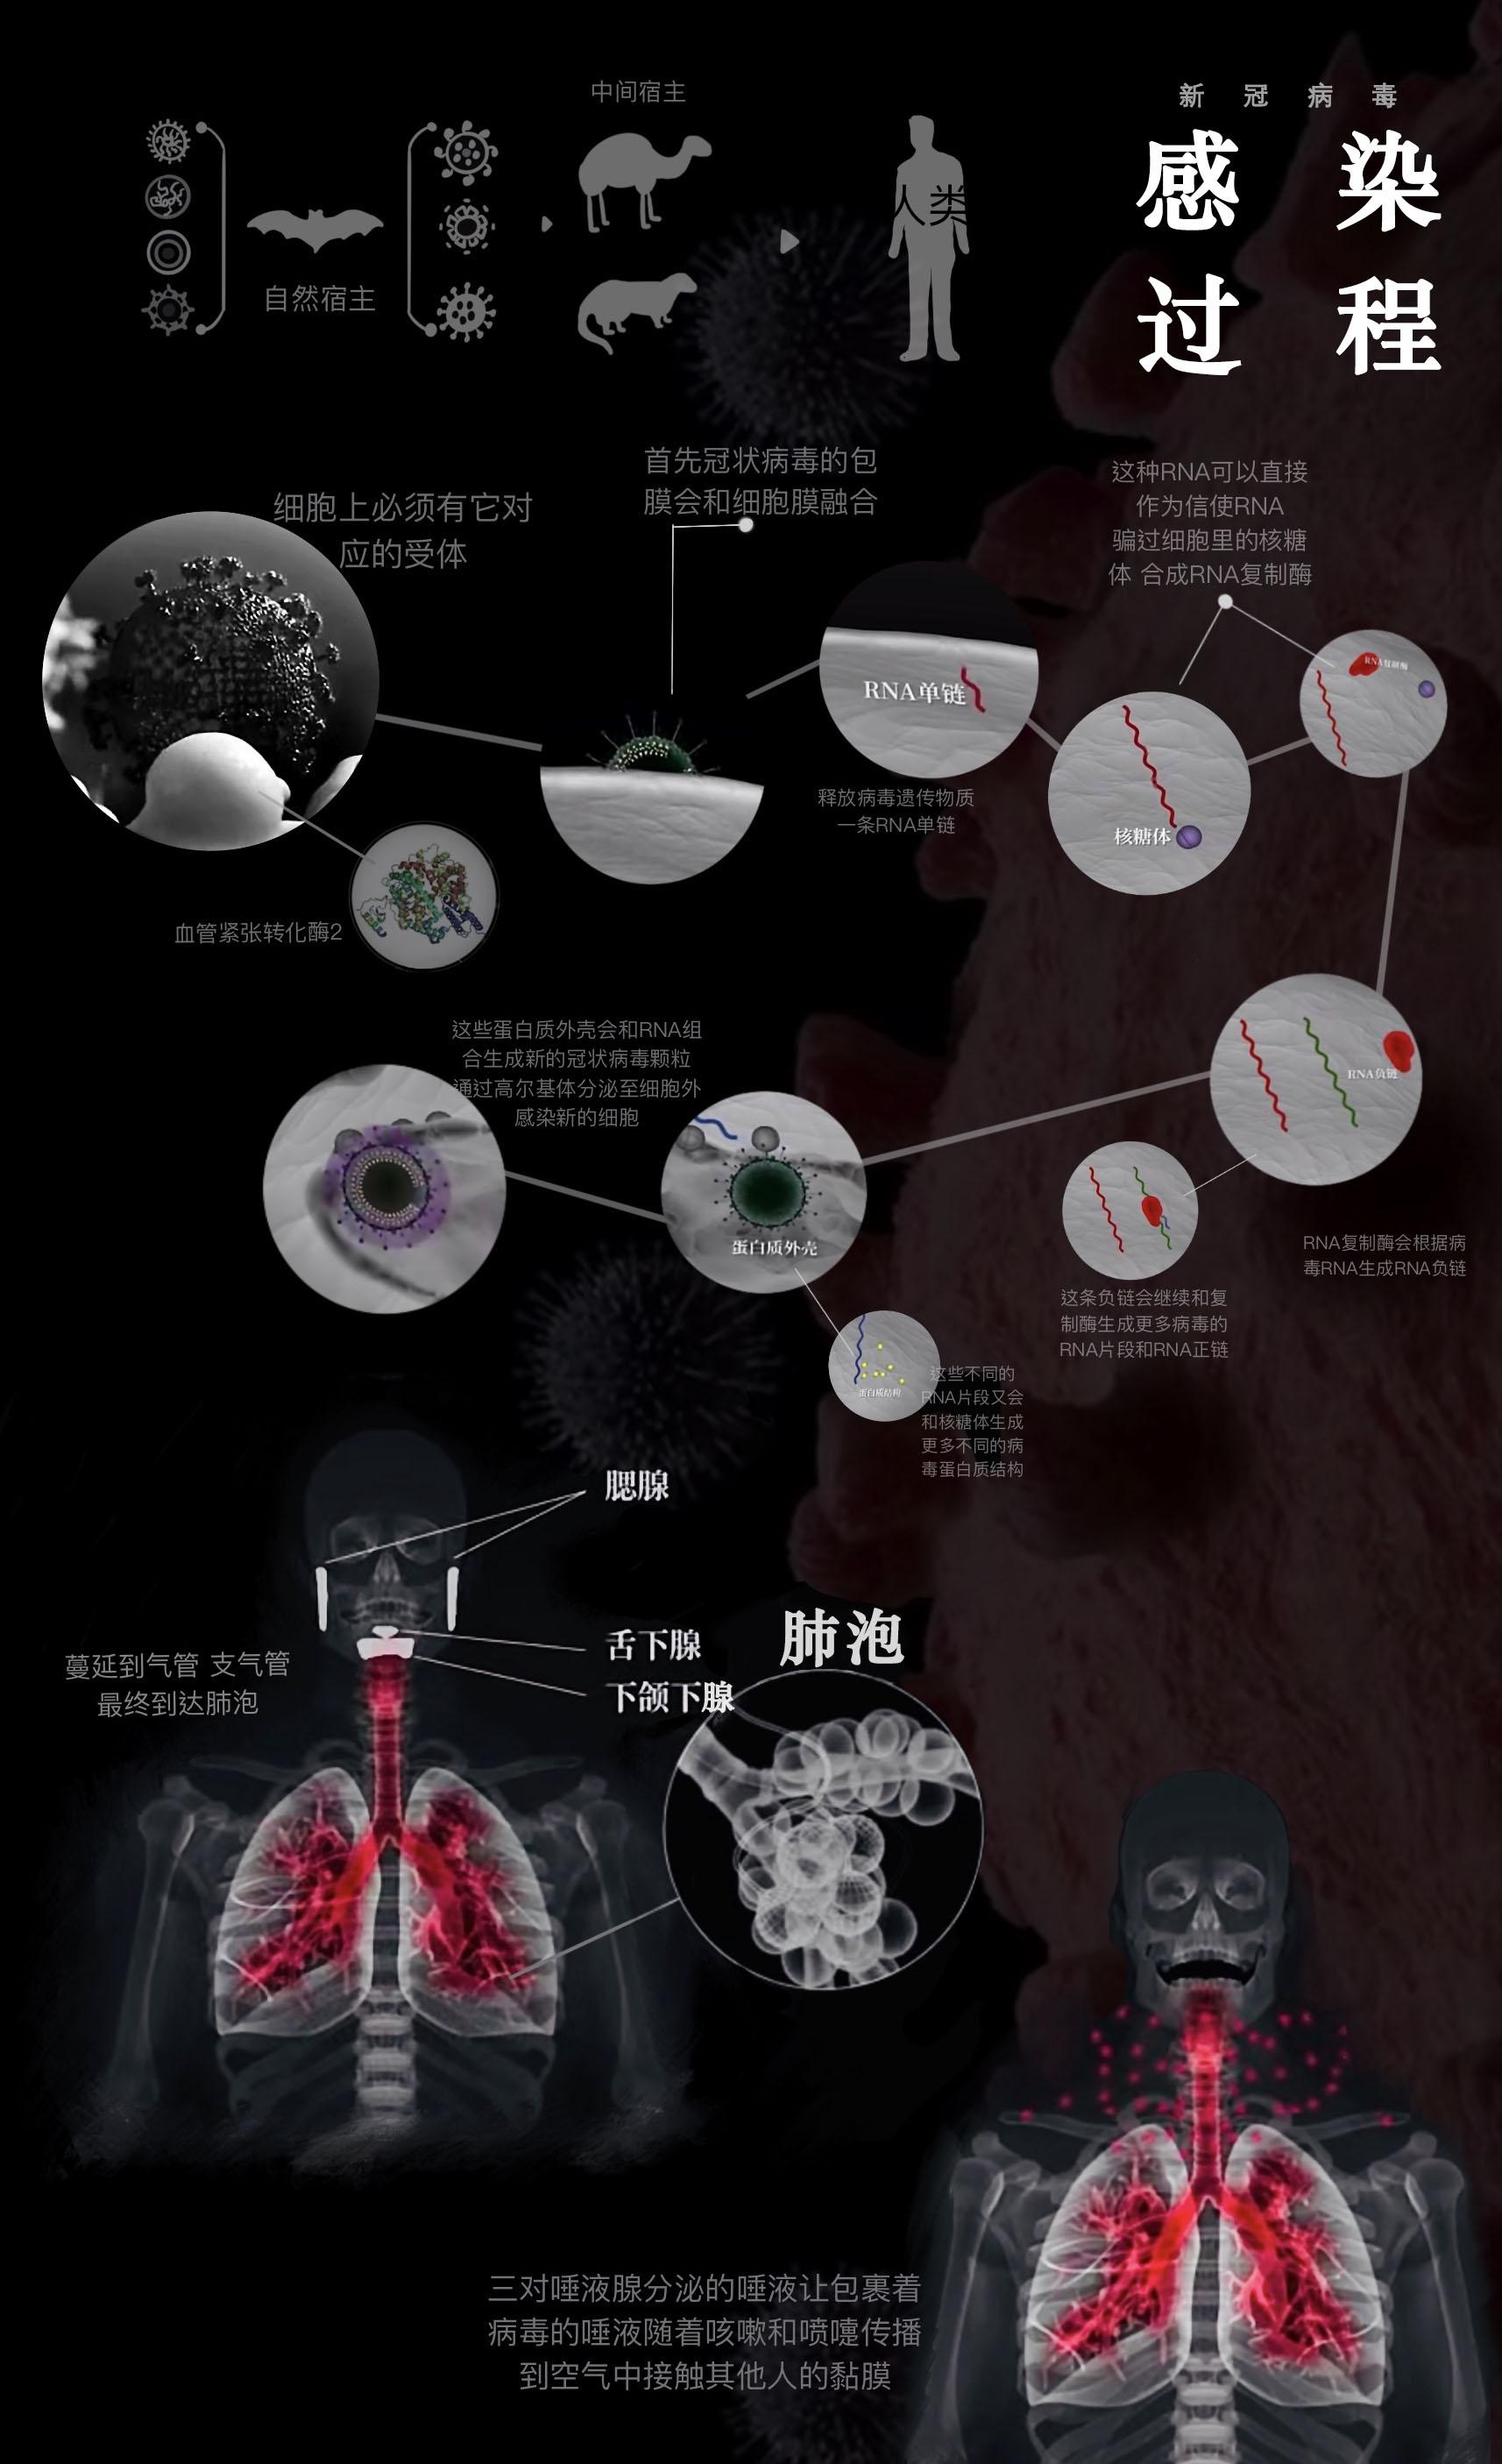 新冠病毒感染过程+口罩基本介绍(设计者:蔡元新、宋志勤)部分素材源自回形针视频